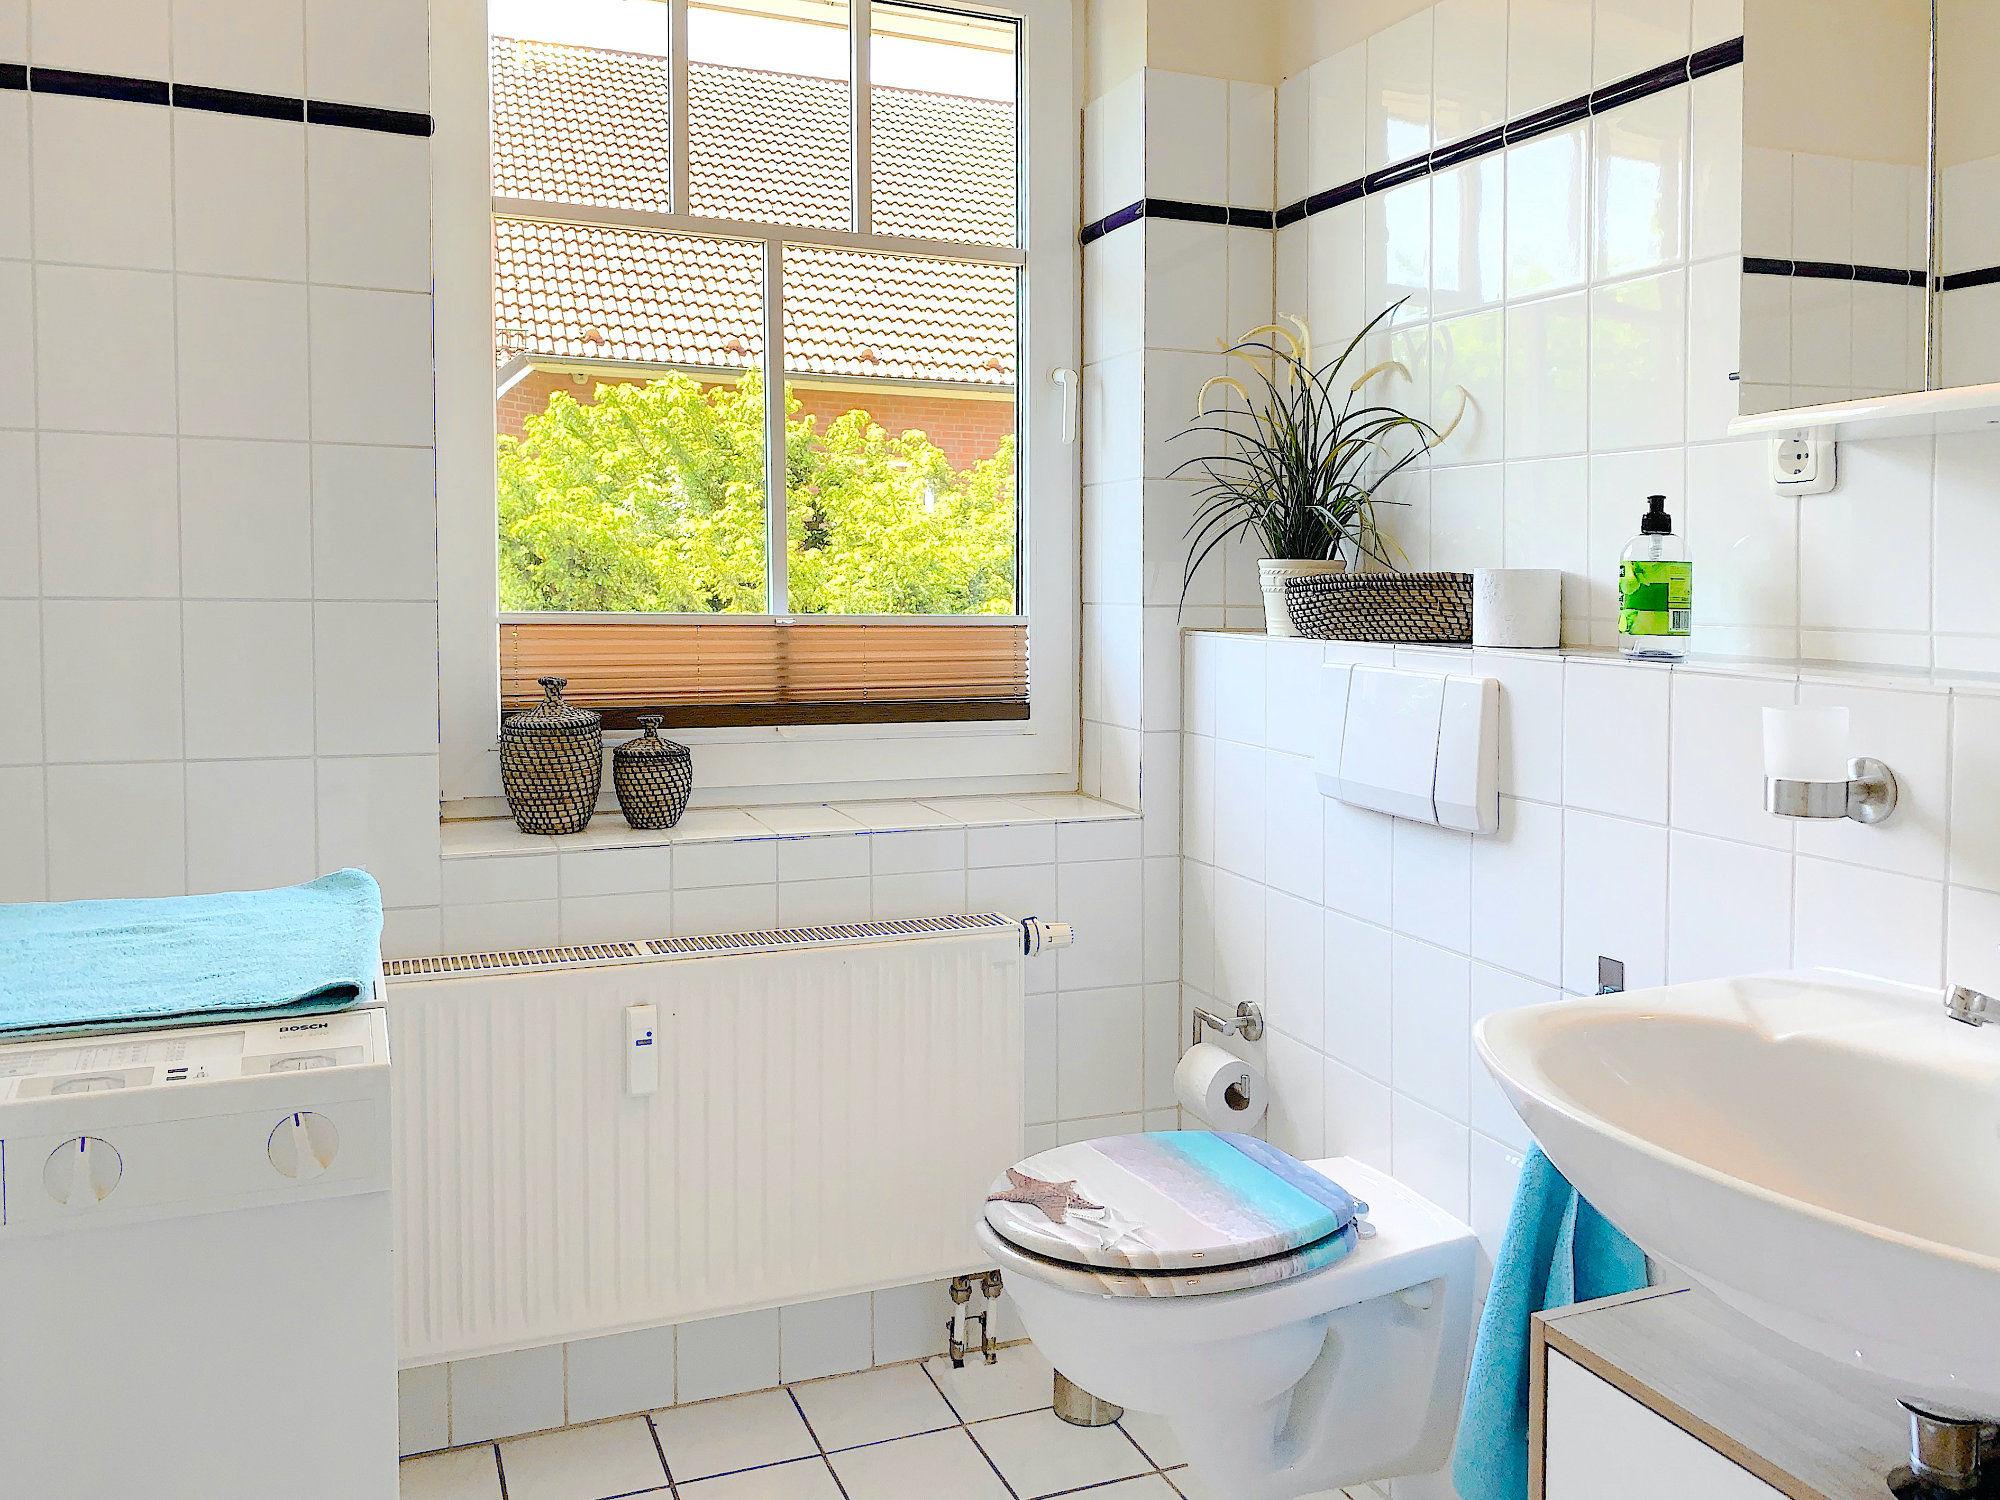 Bad mit Waschbecken, Waschmaschine und Fenster